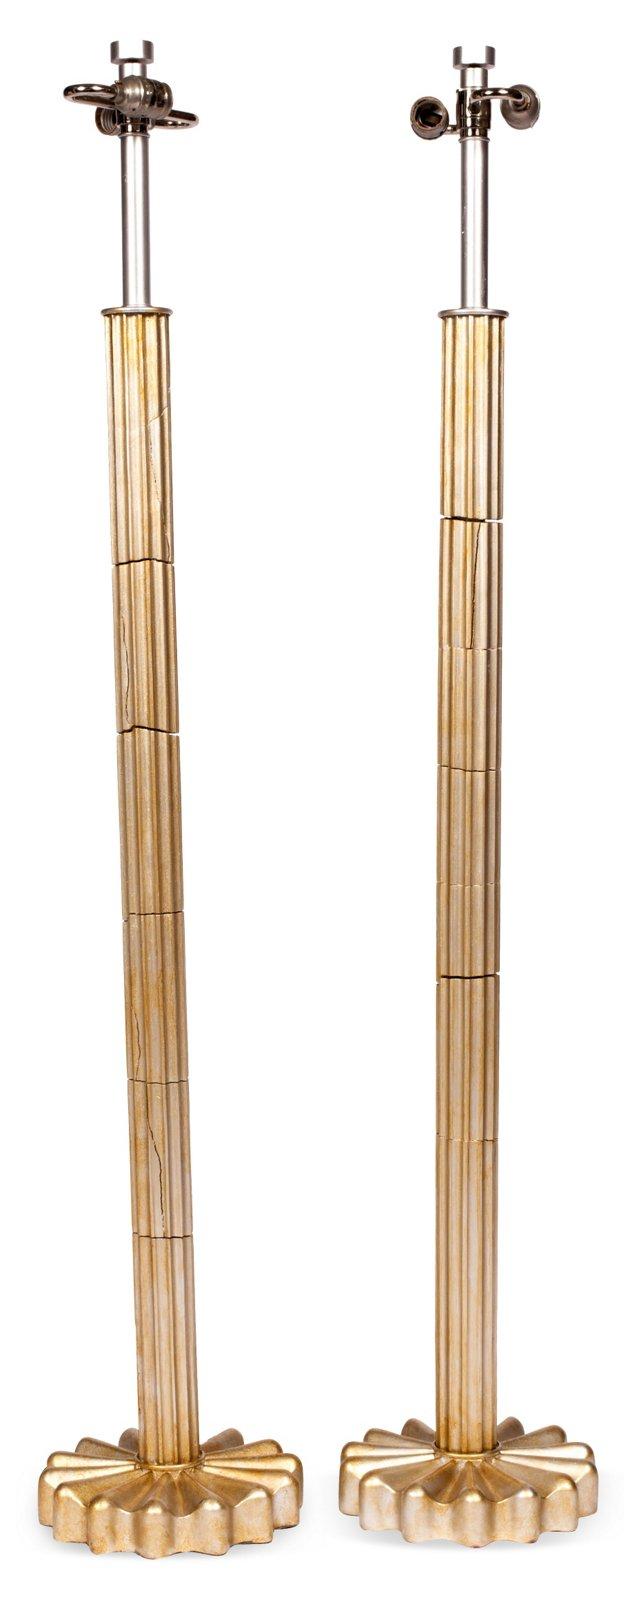 Art Deco Floor Lamps, Pair